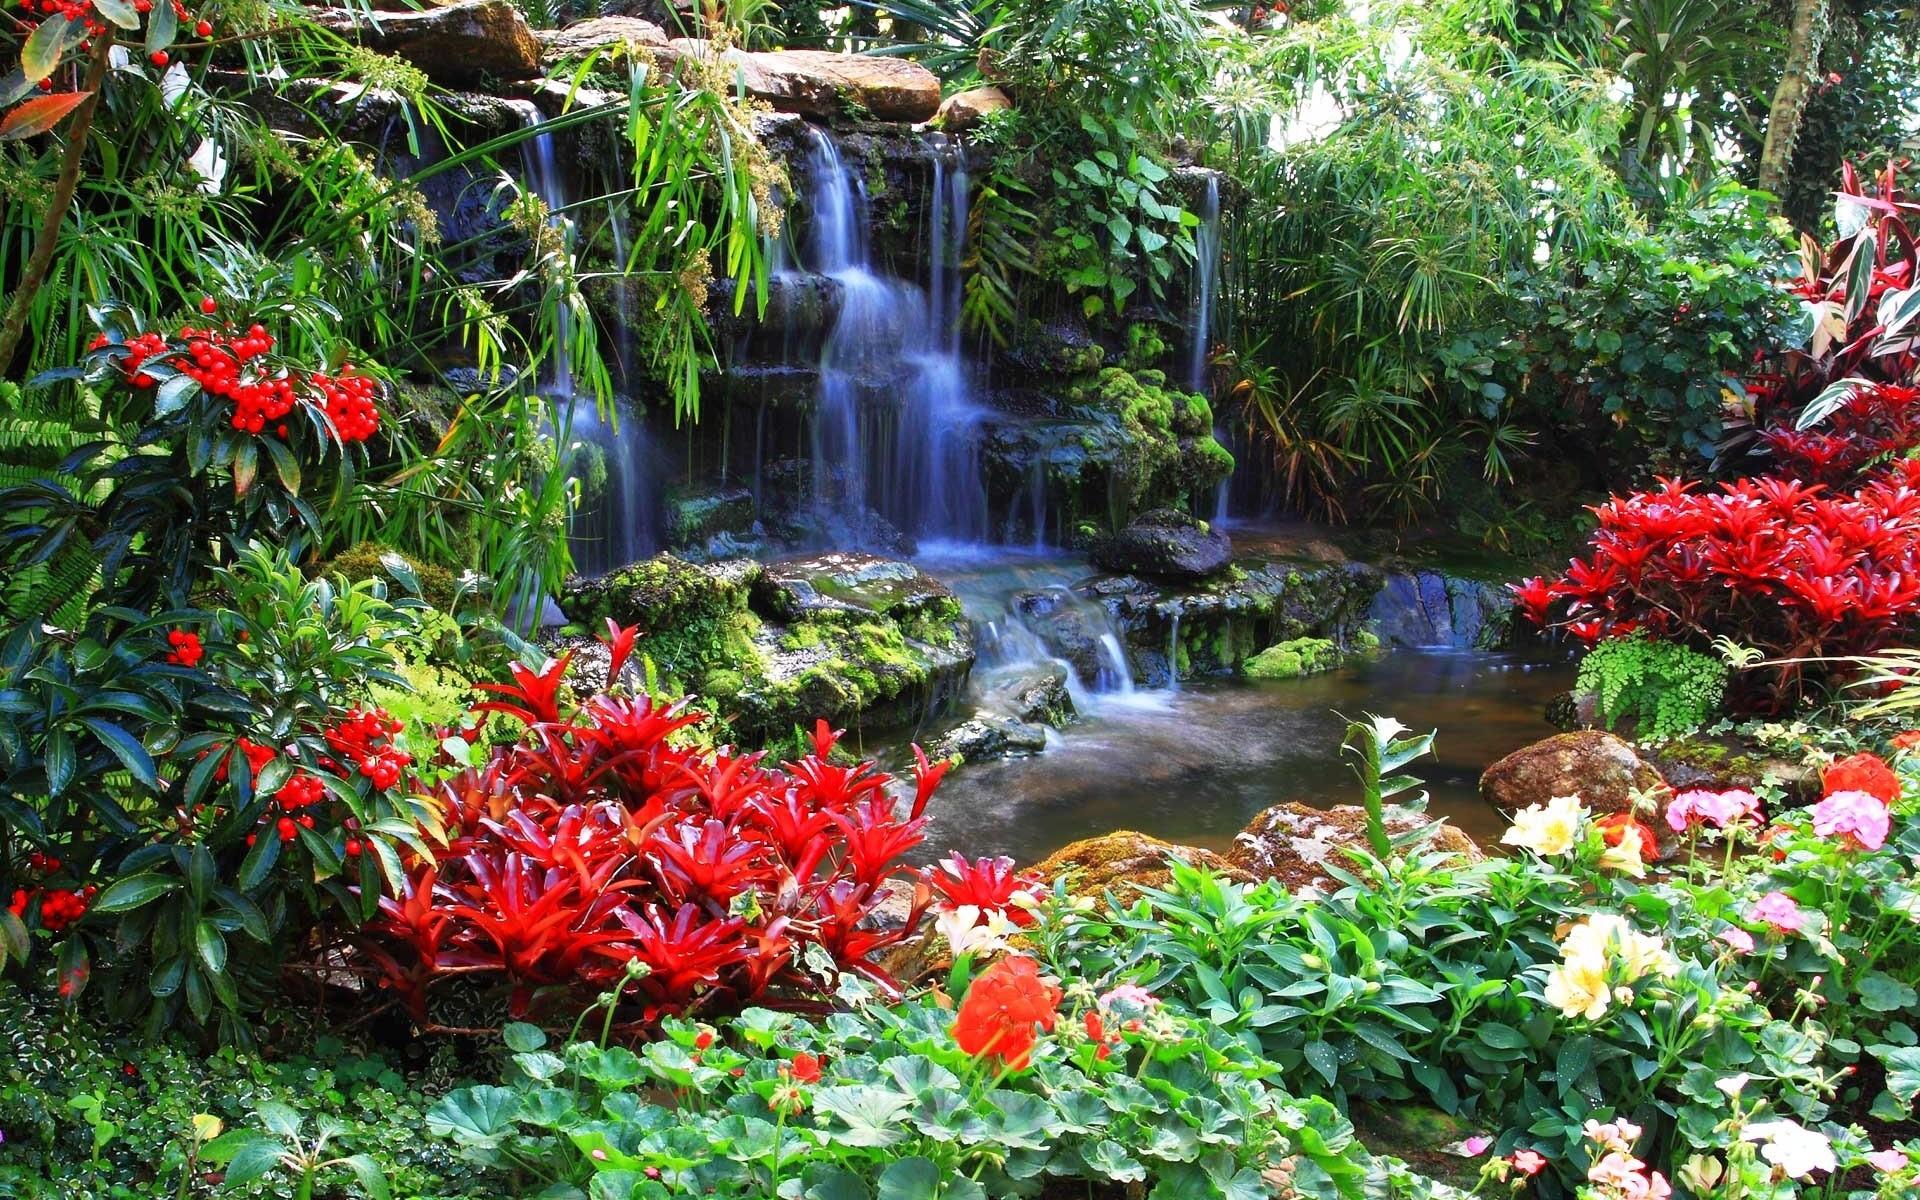 بالصور خلفيات طبيعية ساحرة , شاهد جمال الطبيعة الخلاب 6413 4